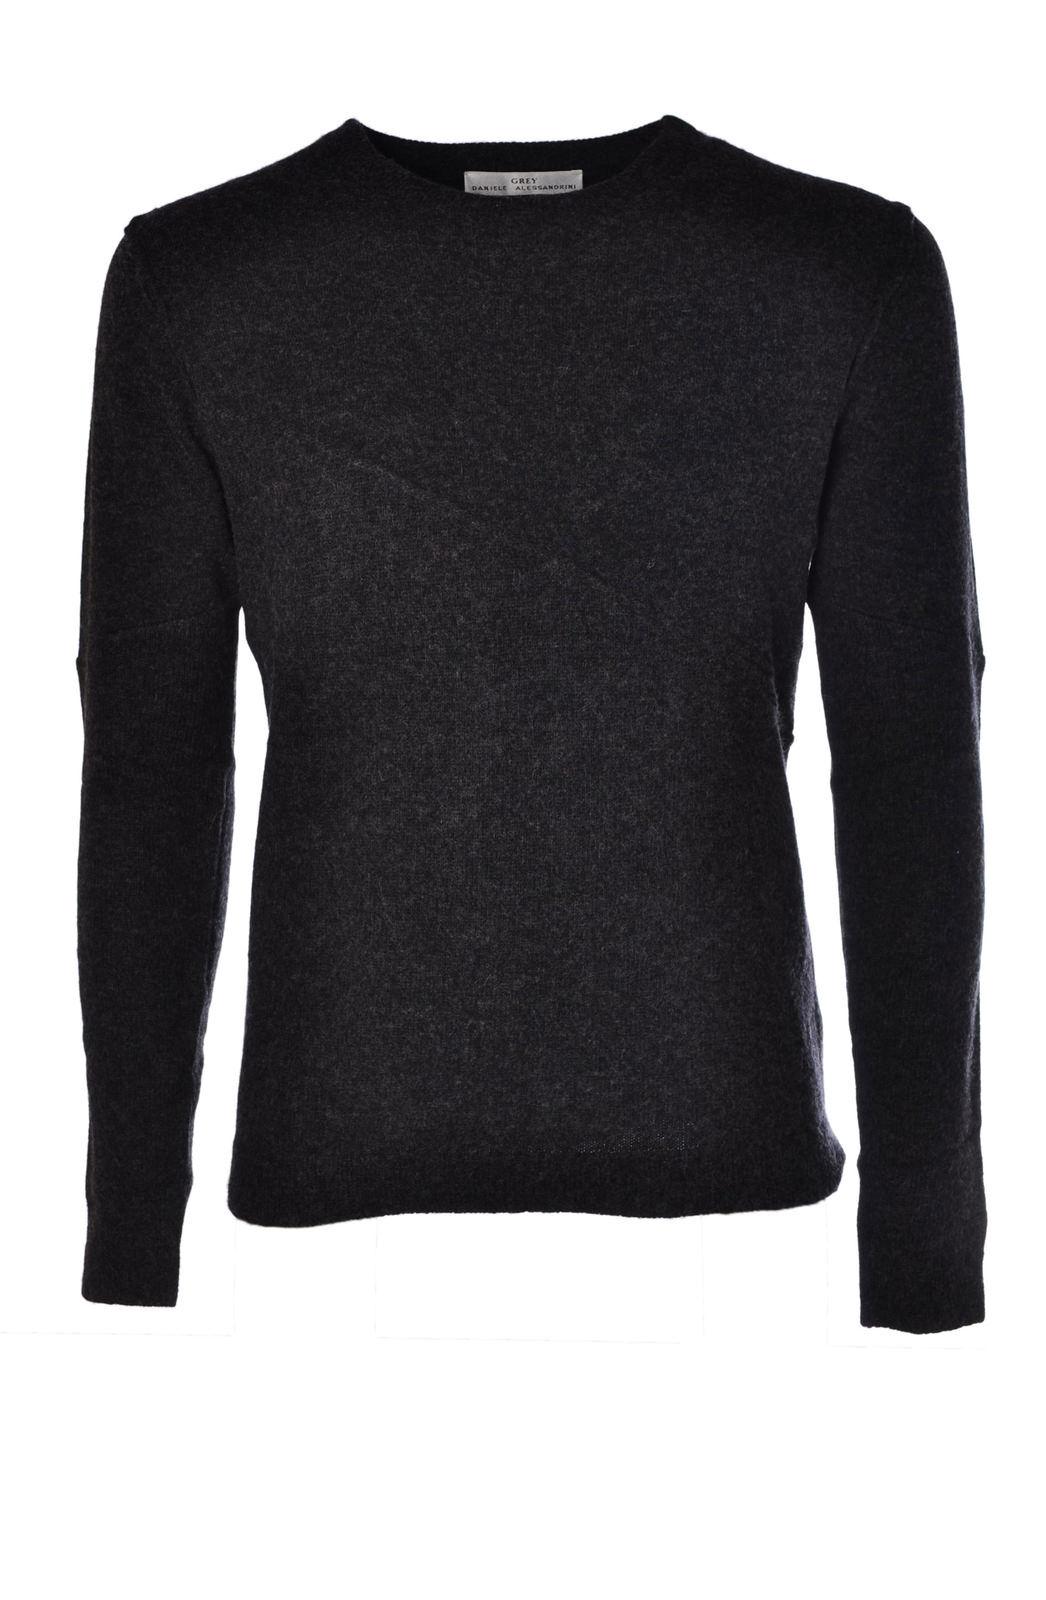 Daniele Alessandrini - Knitwear-Sweaters - Man - Grau - 472015N184021